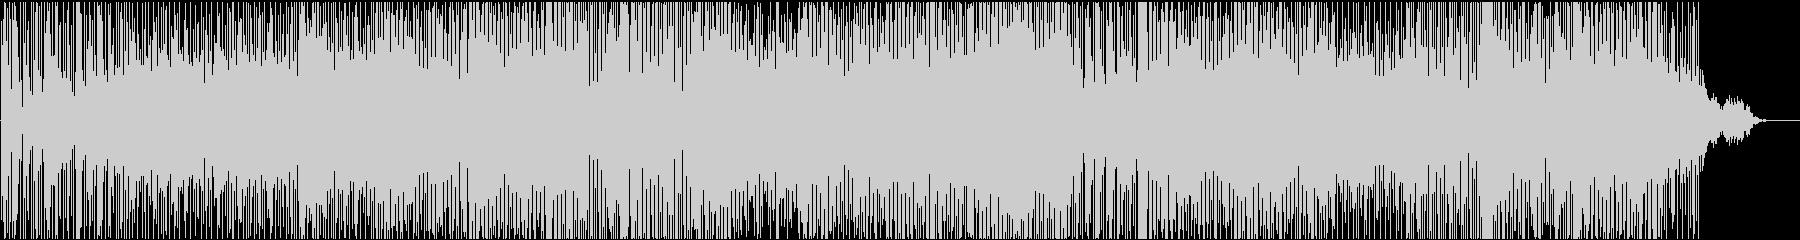 エモーショナル系エレクトロニカ、力強い音の未再生の波形